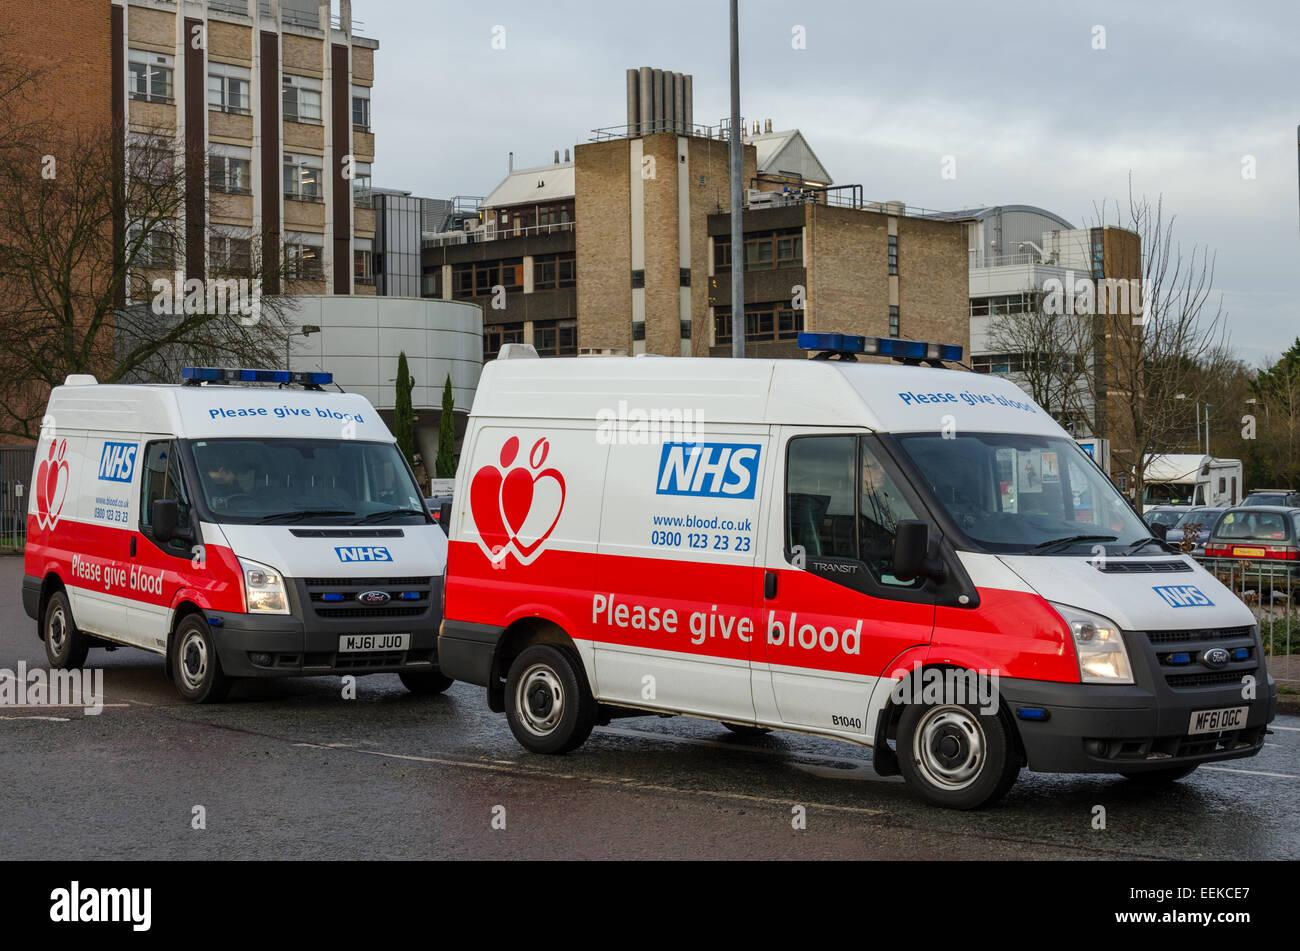 NHS 'Give Blood' vans at Addenbrooke's Hospital, Cambridge, UK - Stock Image